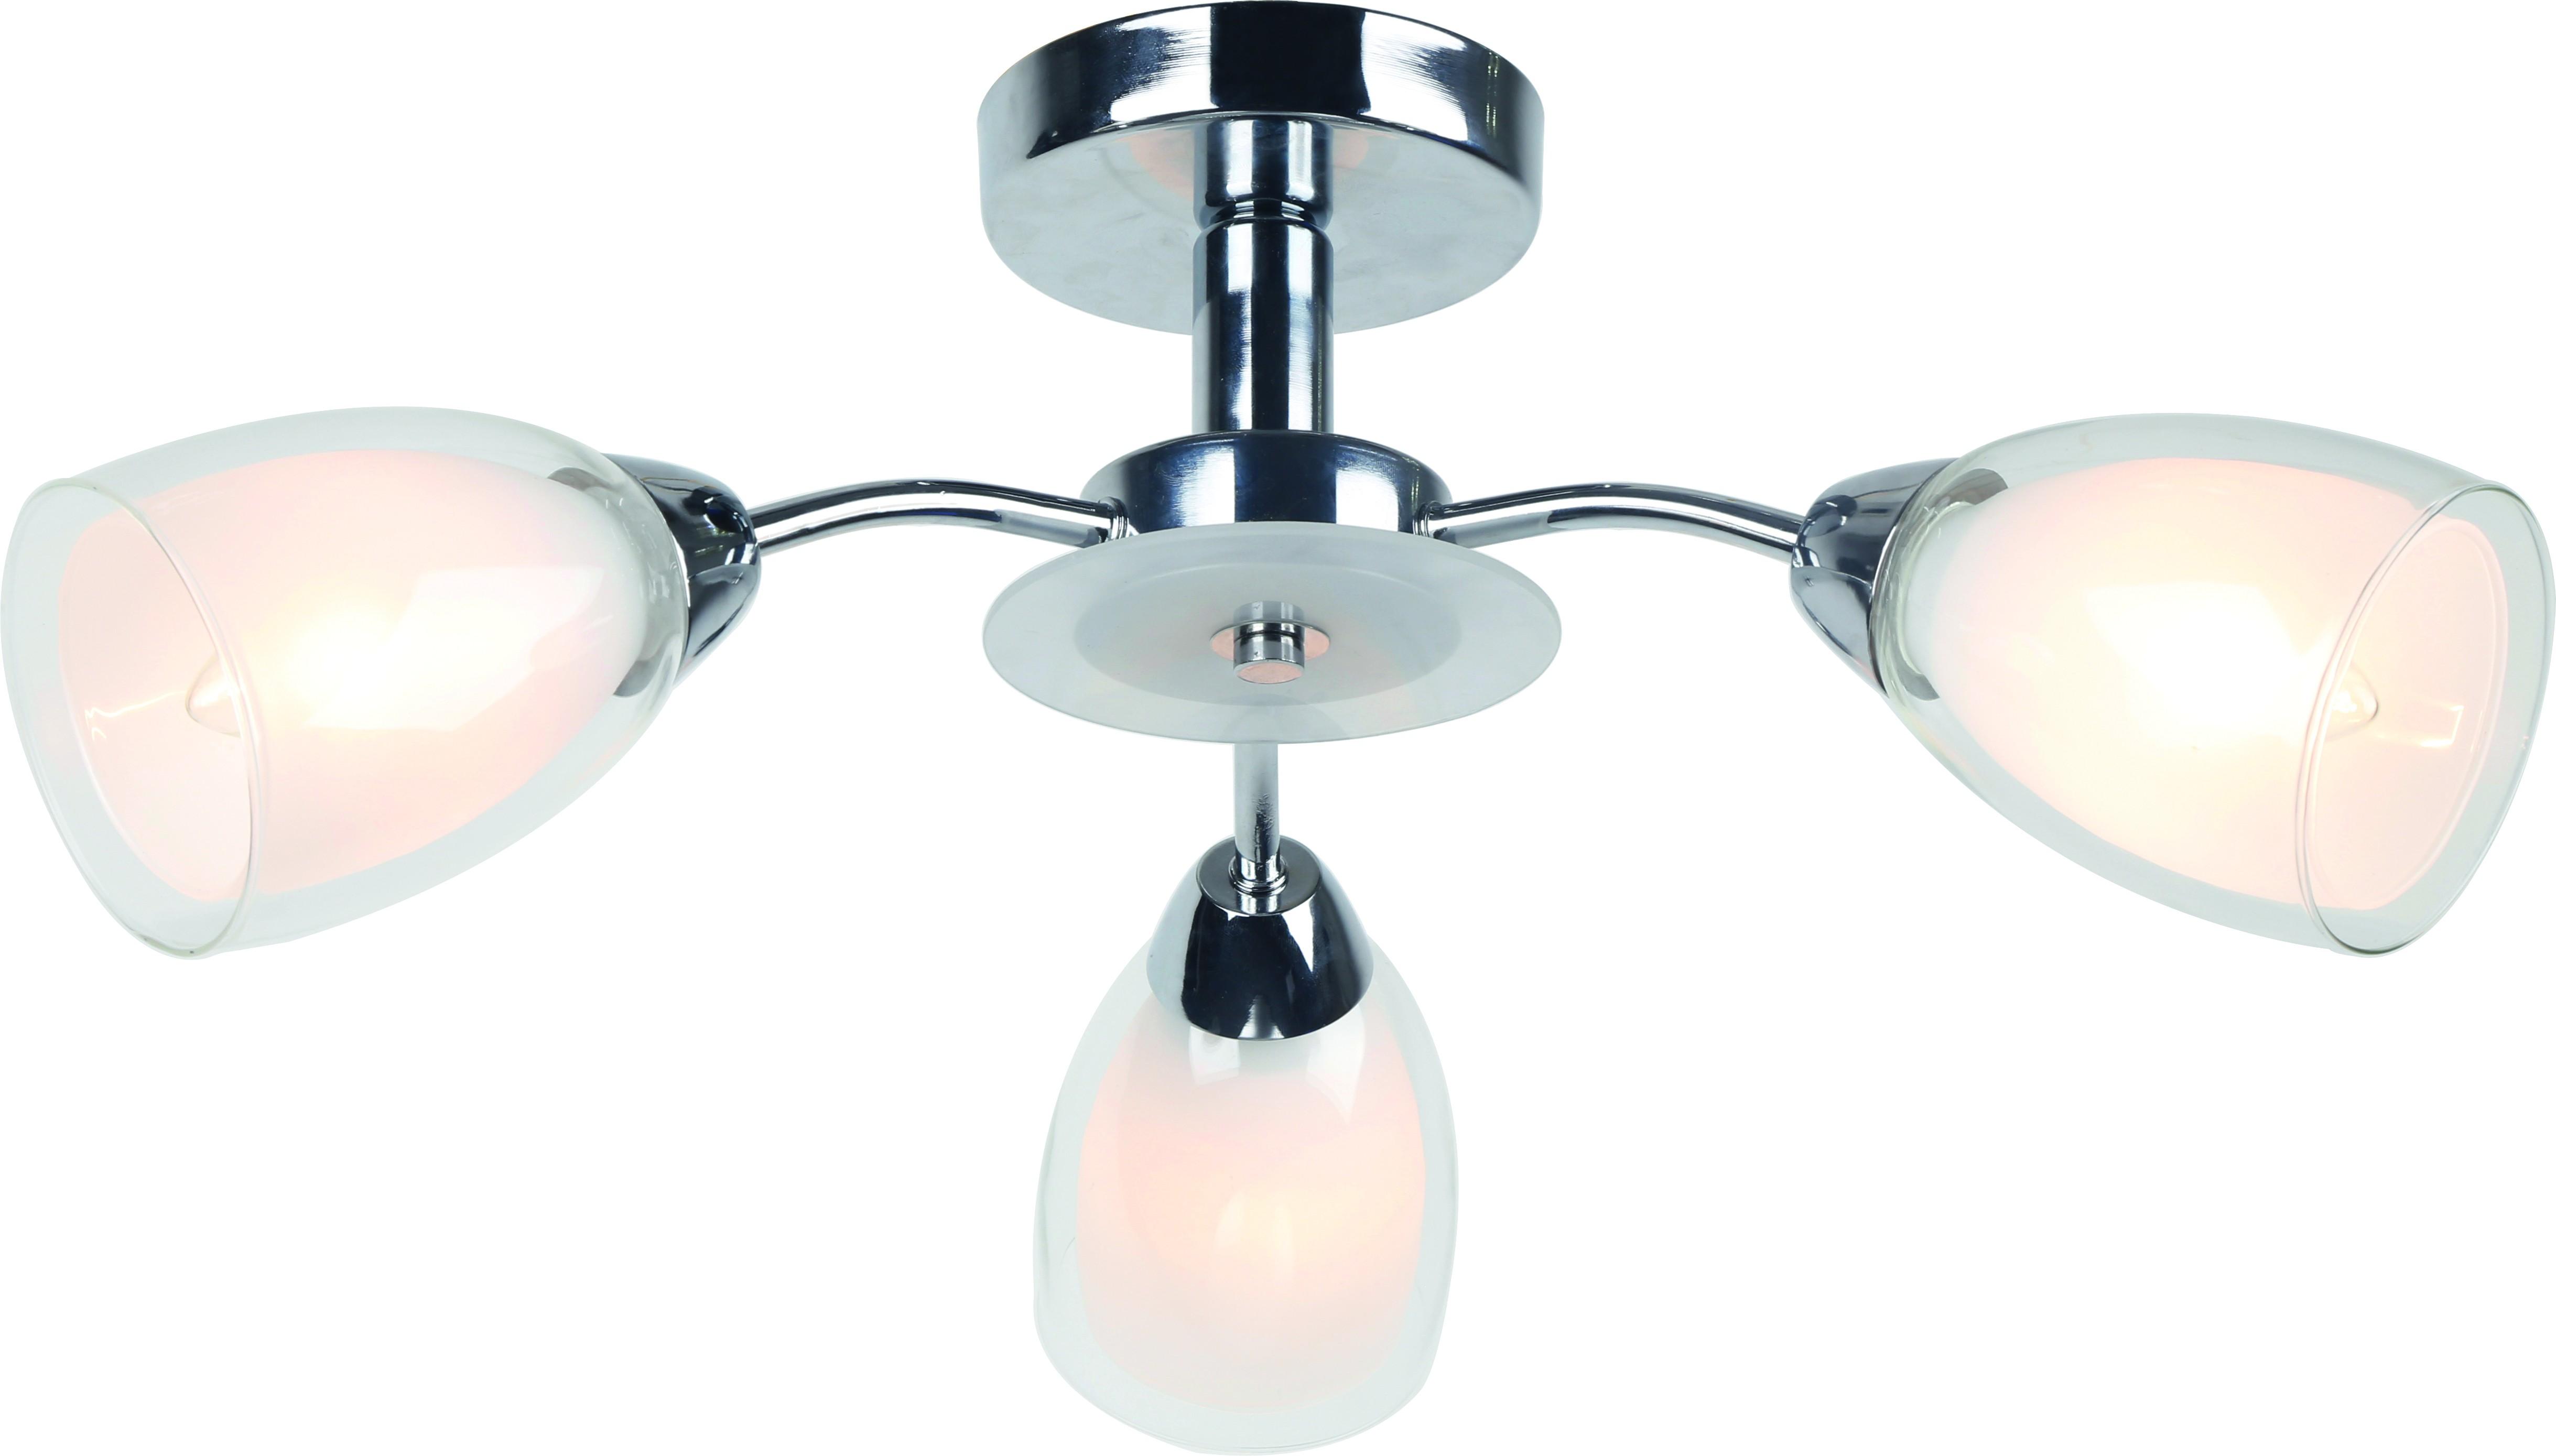 Люстра Arte lamp A7201pl-3cc arte lamp a7201pl 7cc